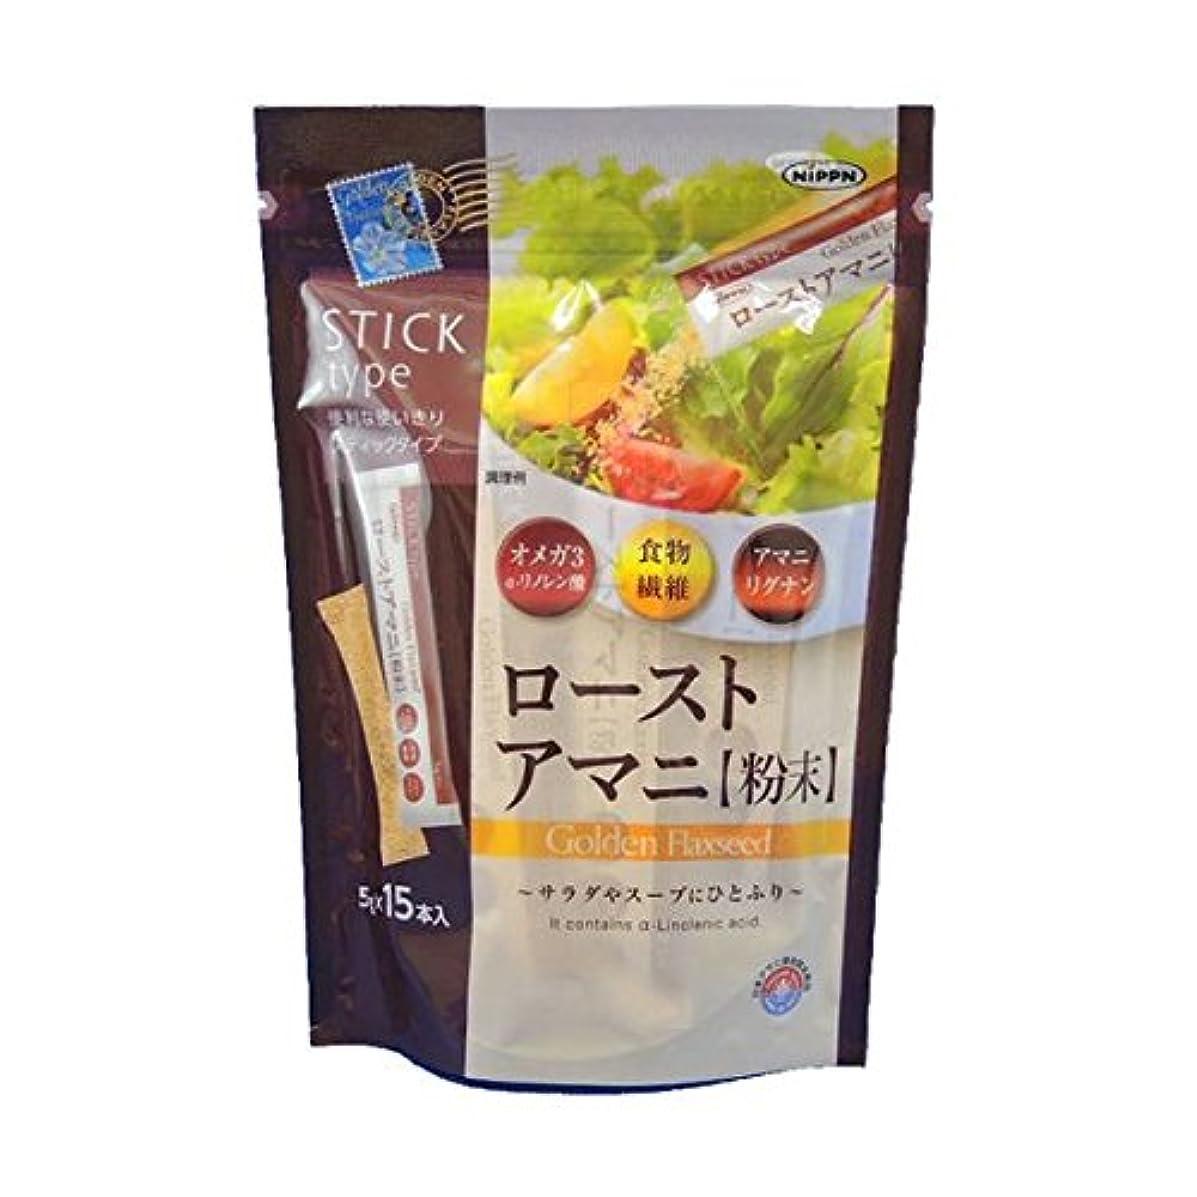 価値先駆者メトロポリタンローストアマニ粉末【3袋セット】日本製粉